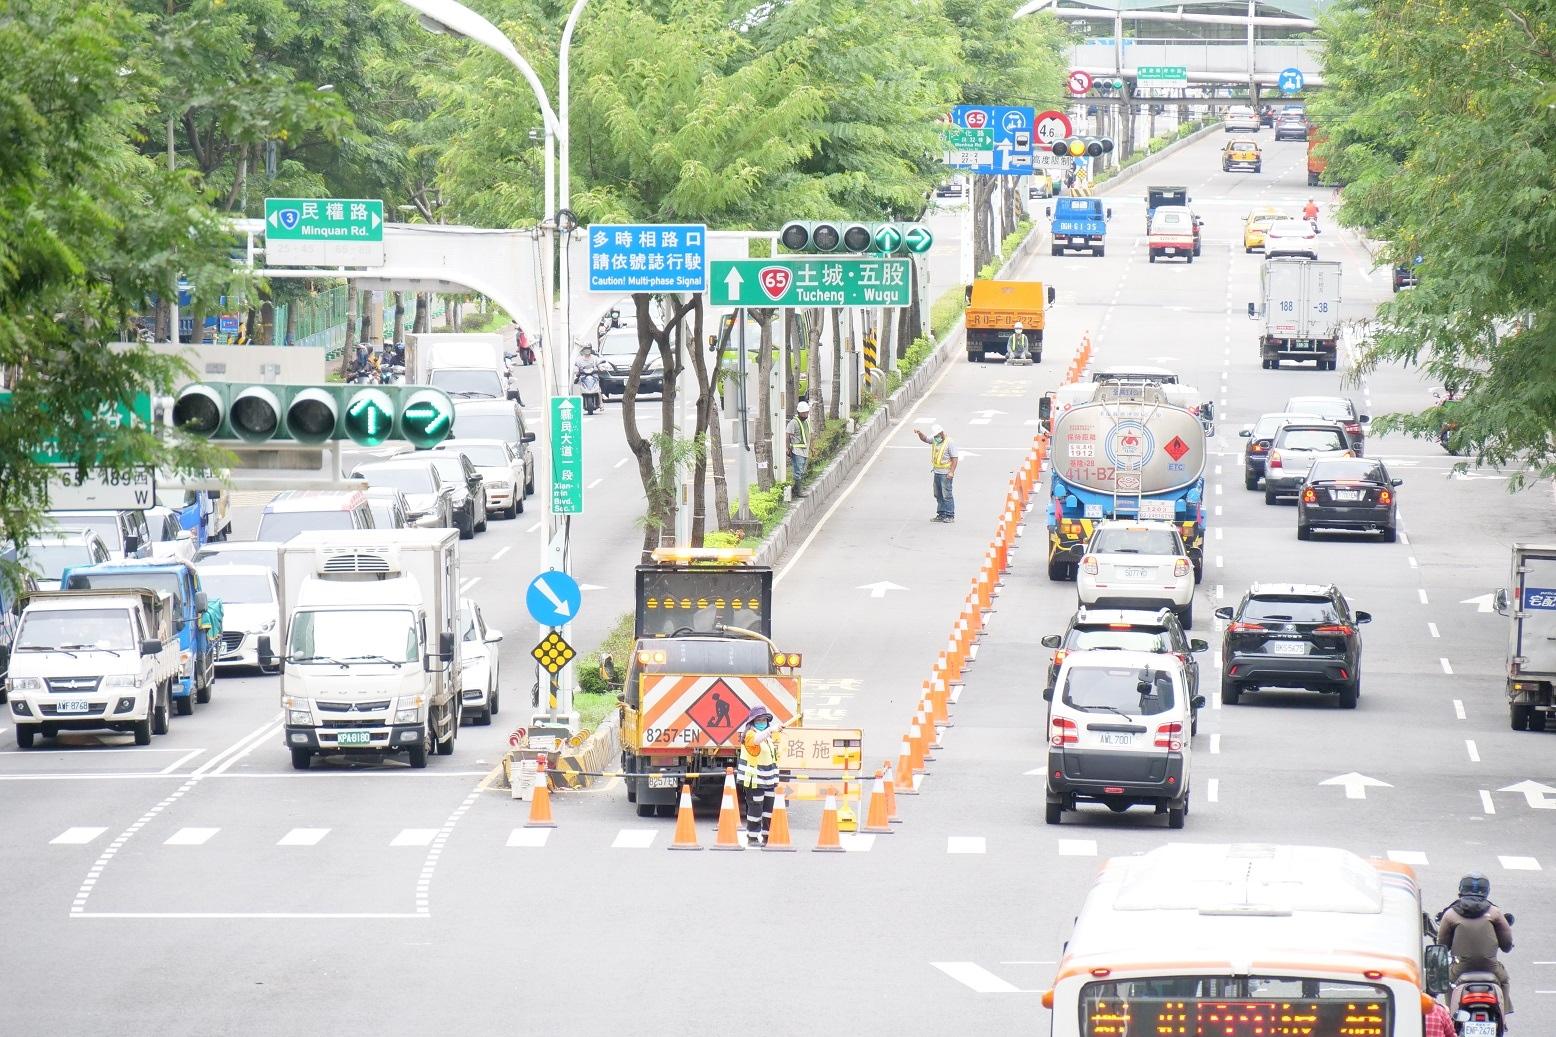 板橋縣民大道往台65線方向內側1線車道將施工封路,進行交通管制。圖/新北市政府提供